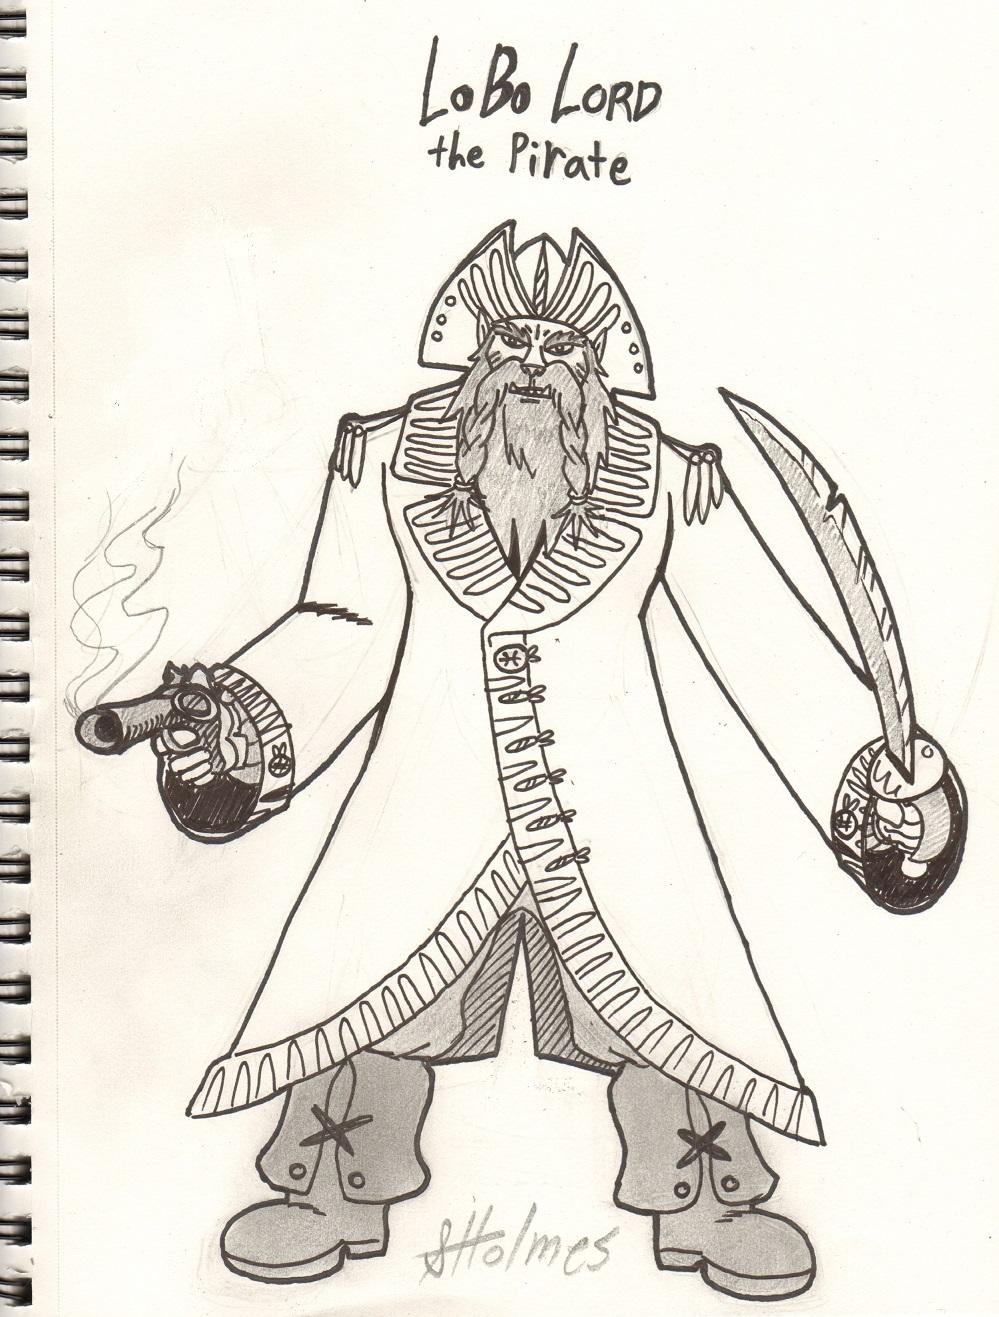 Lobo Lord the pirate